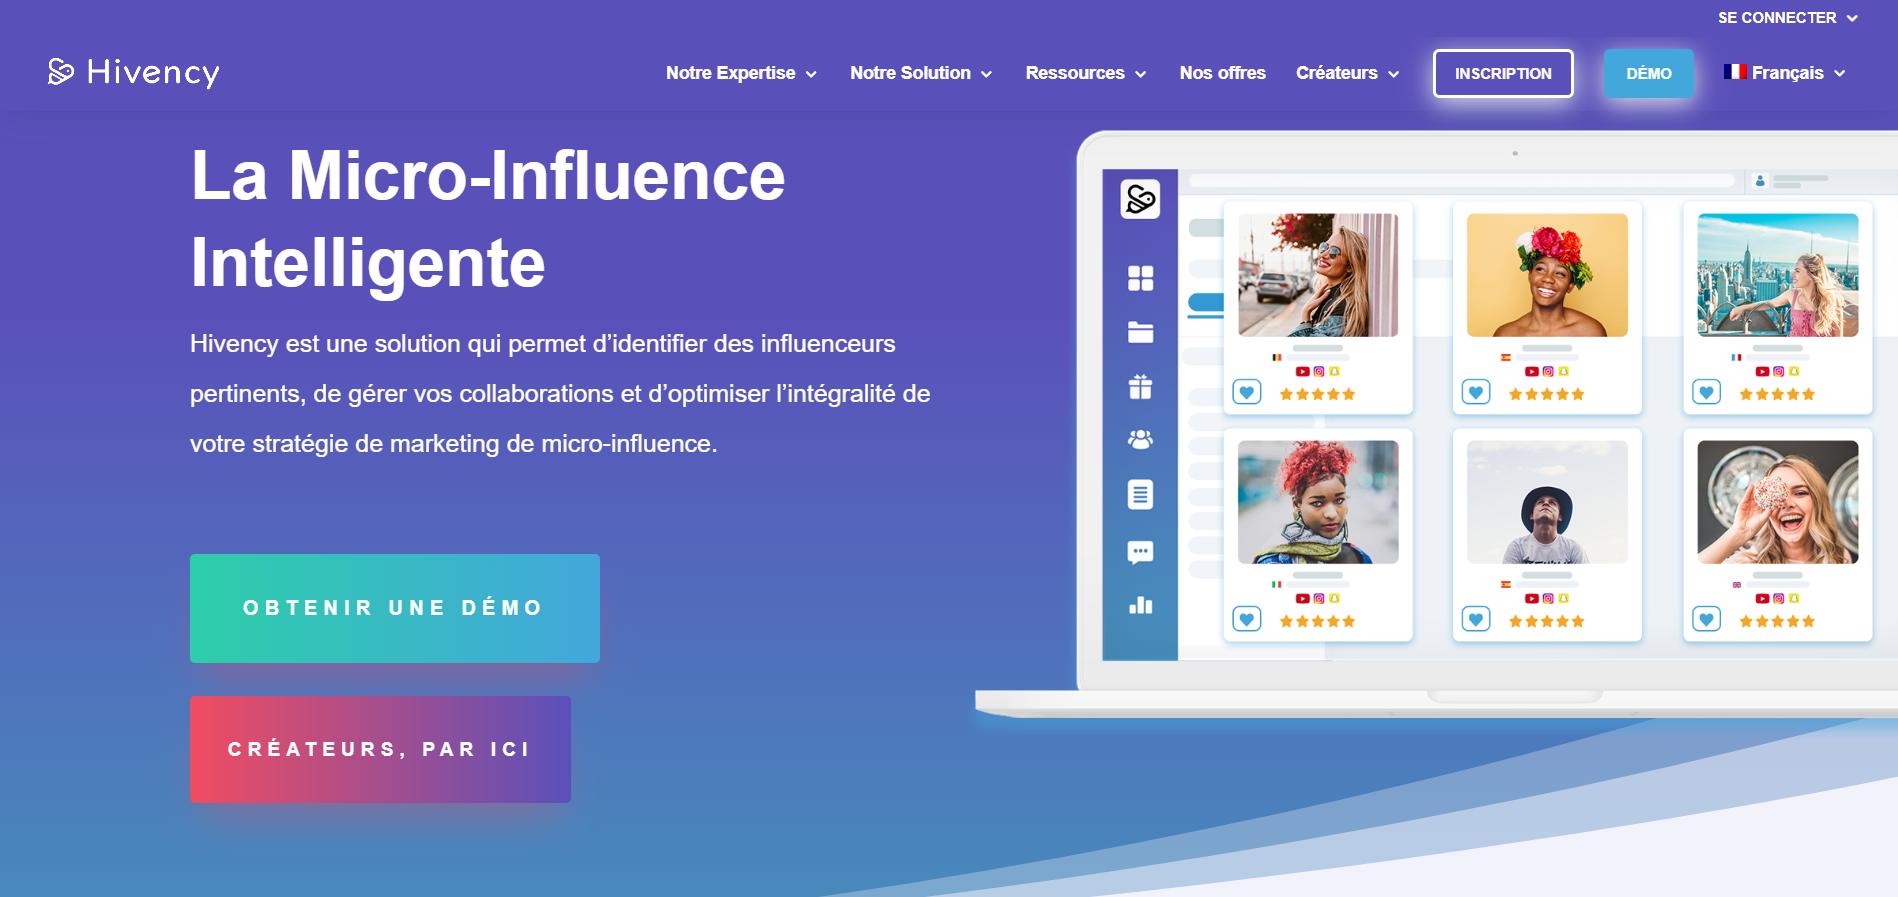 Hivency dévoile son nouveau logo et la nouvelle interface de son site vitrine